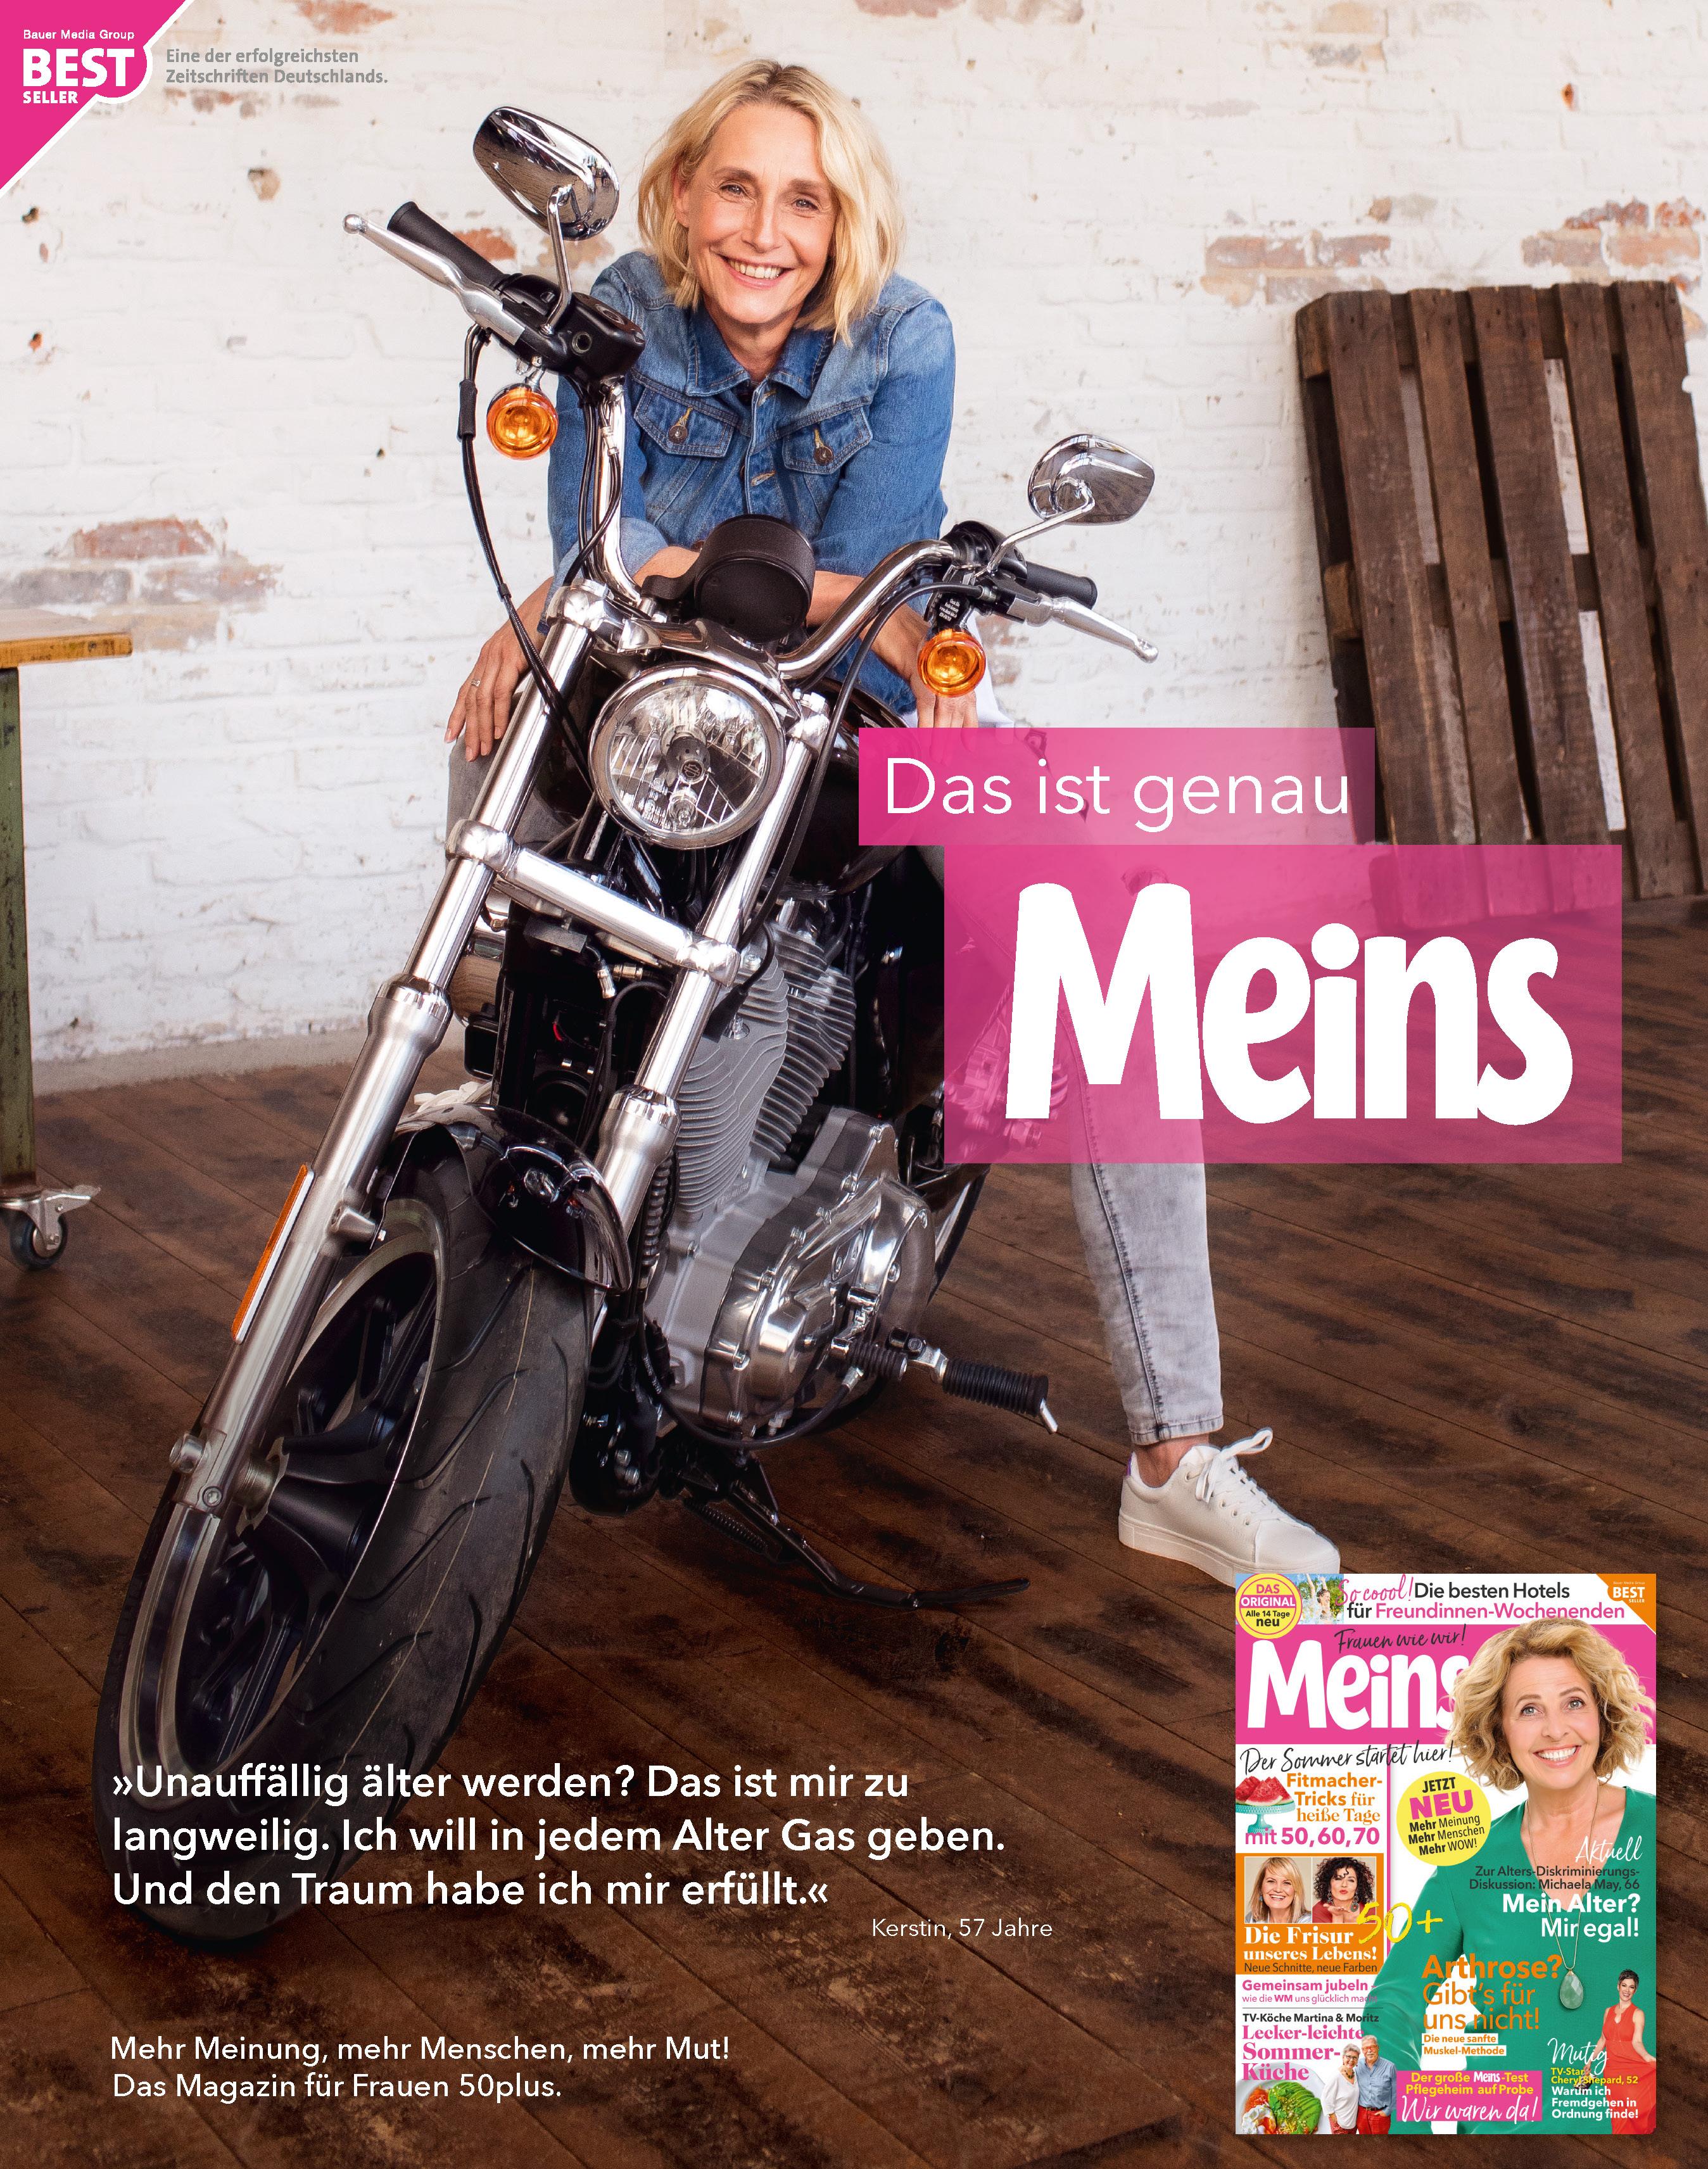 BestAgeModels Kerstin fuer Meins Bauer M